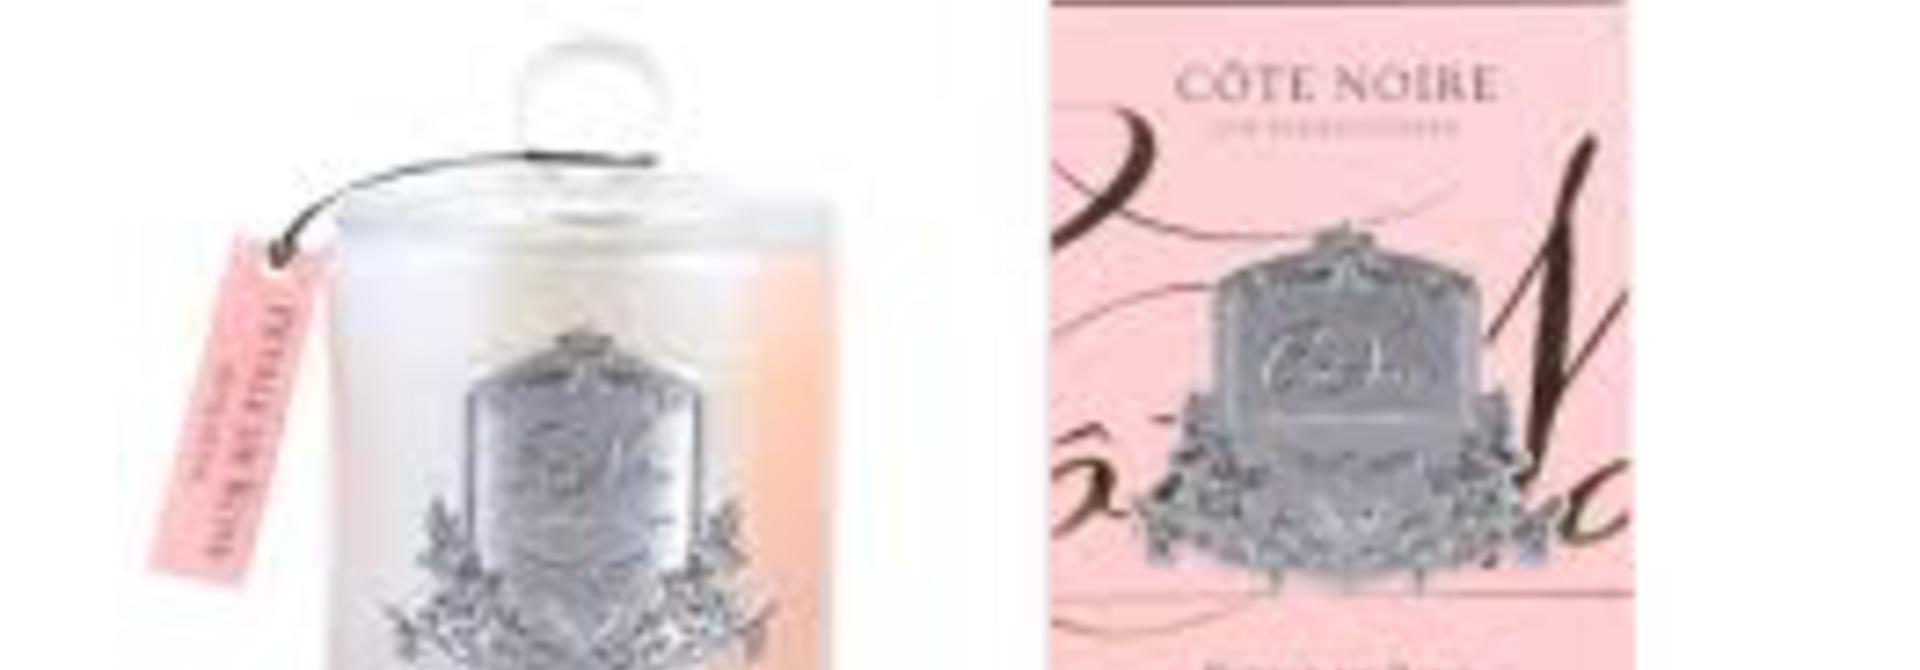 COTE NOIRE -  Candle Rose Petal 450gr